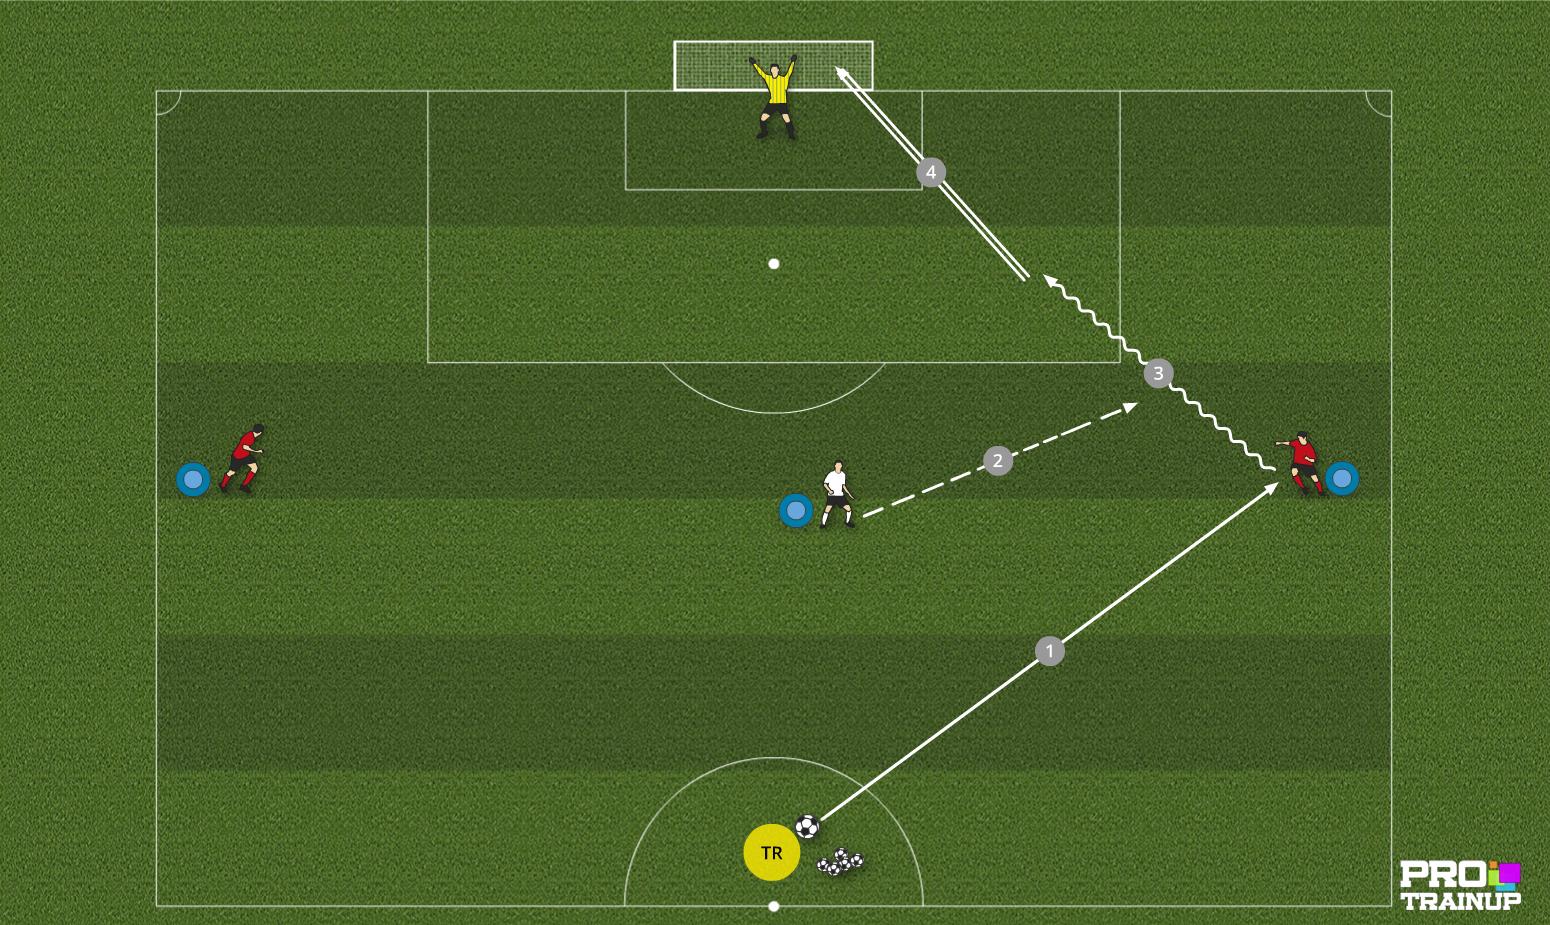 Atak szybki - gra 1x1 w bocznym sektorze boiska